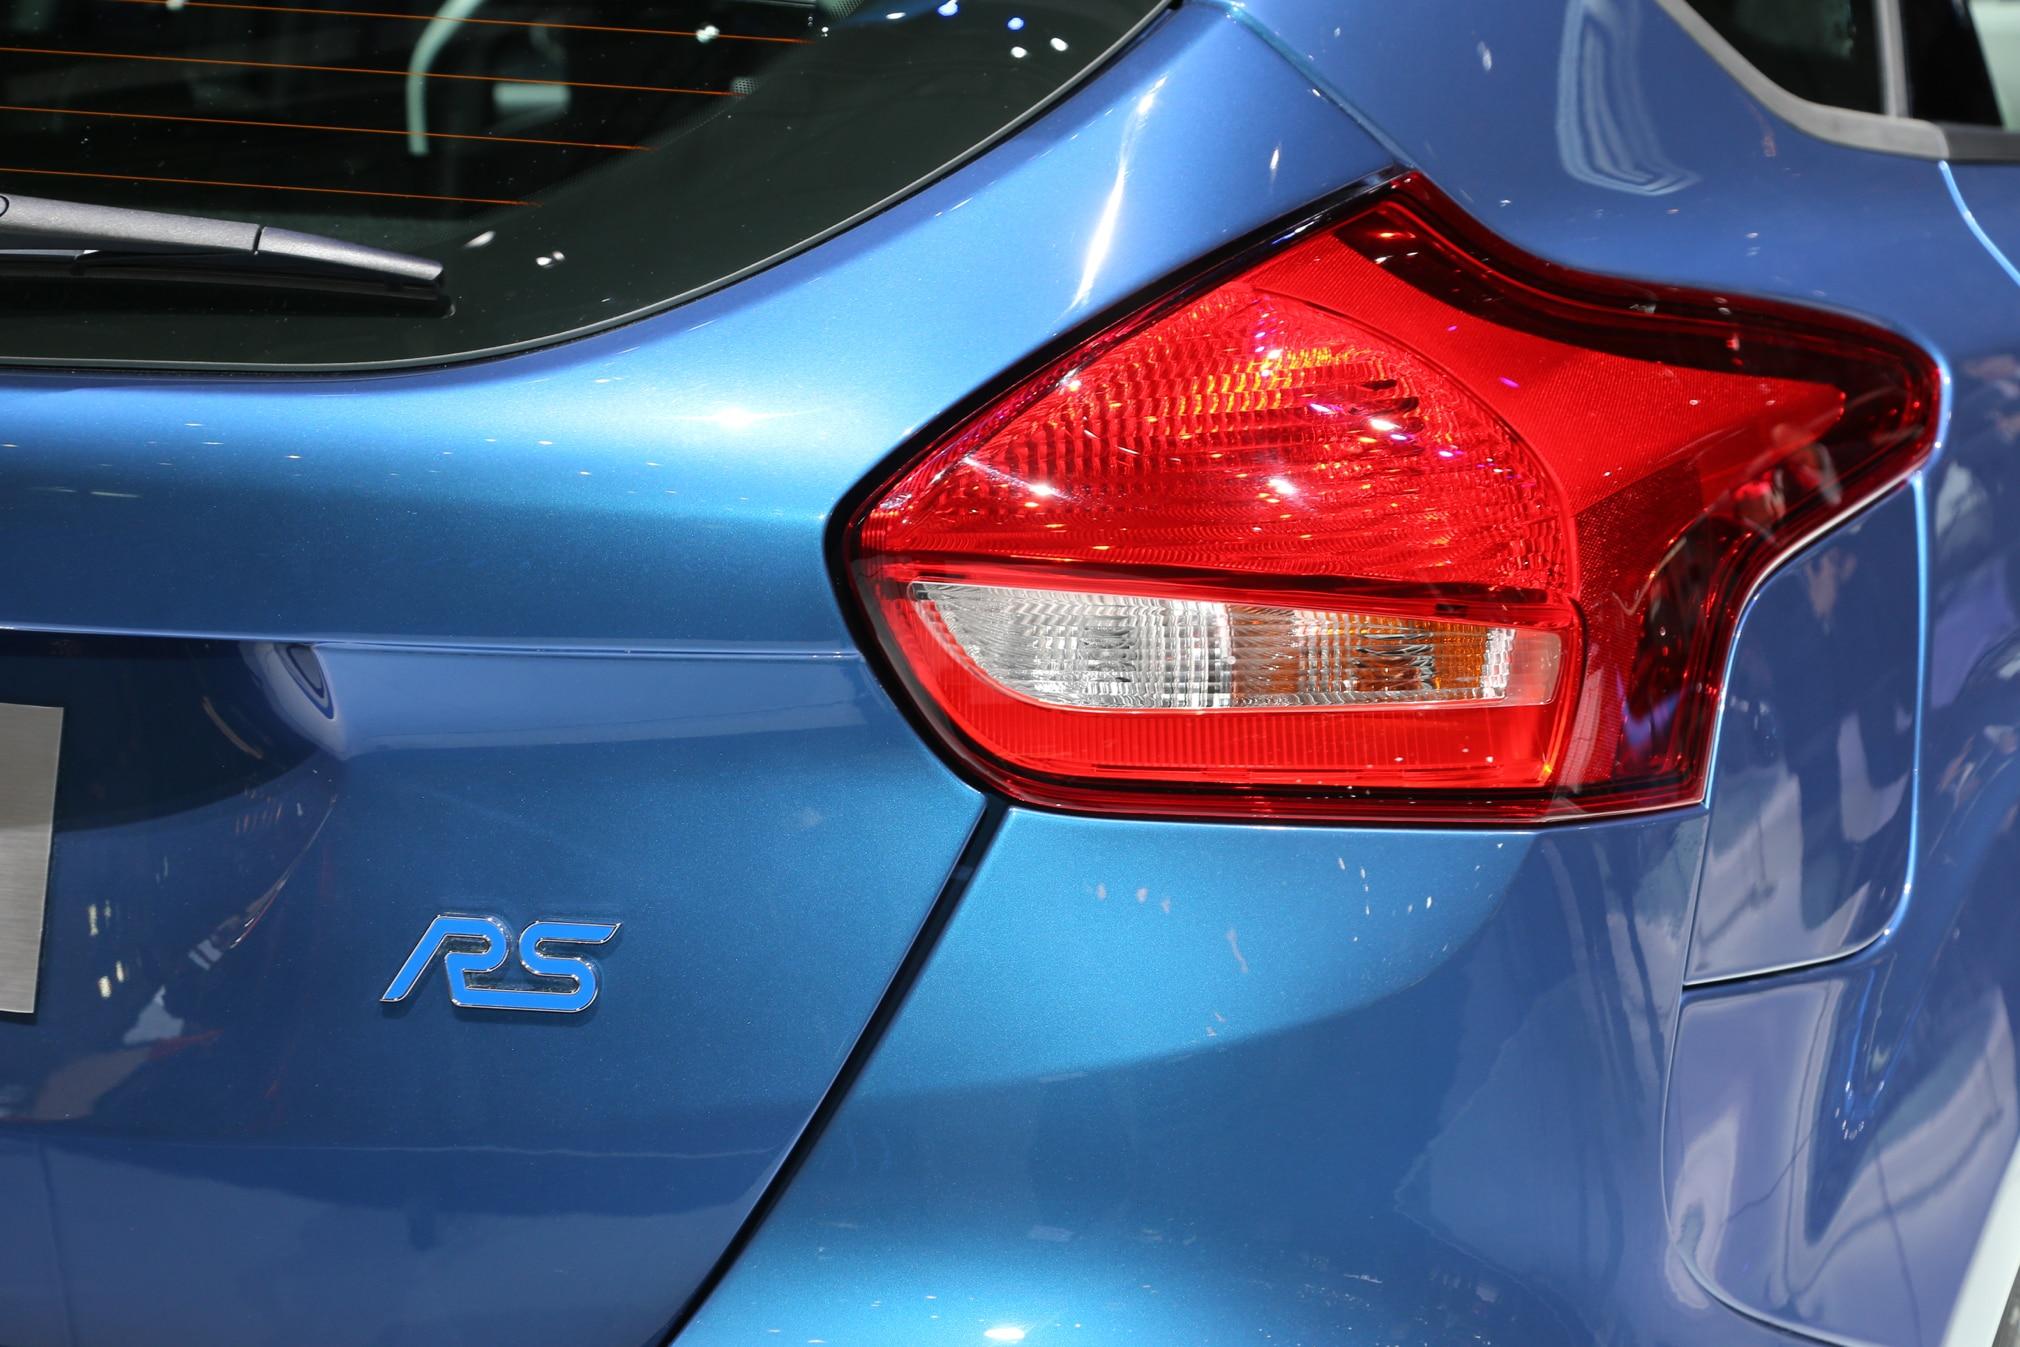 Ford Focus RS 2016 producirá 350 hp en EEUU